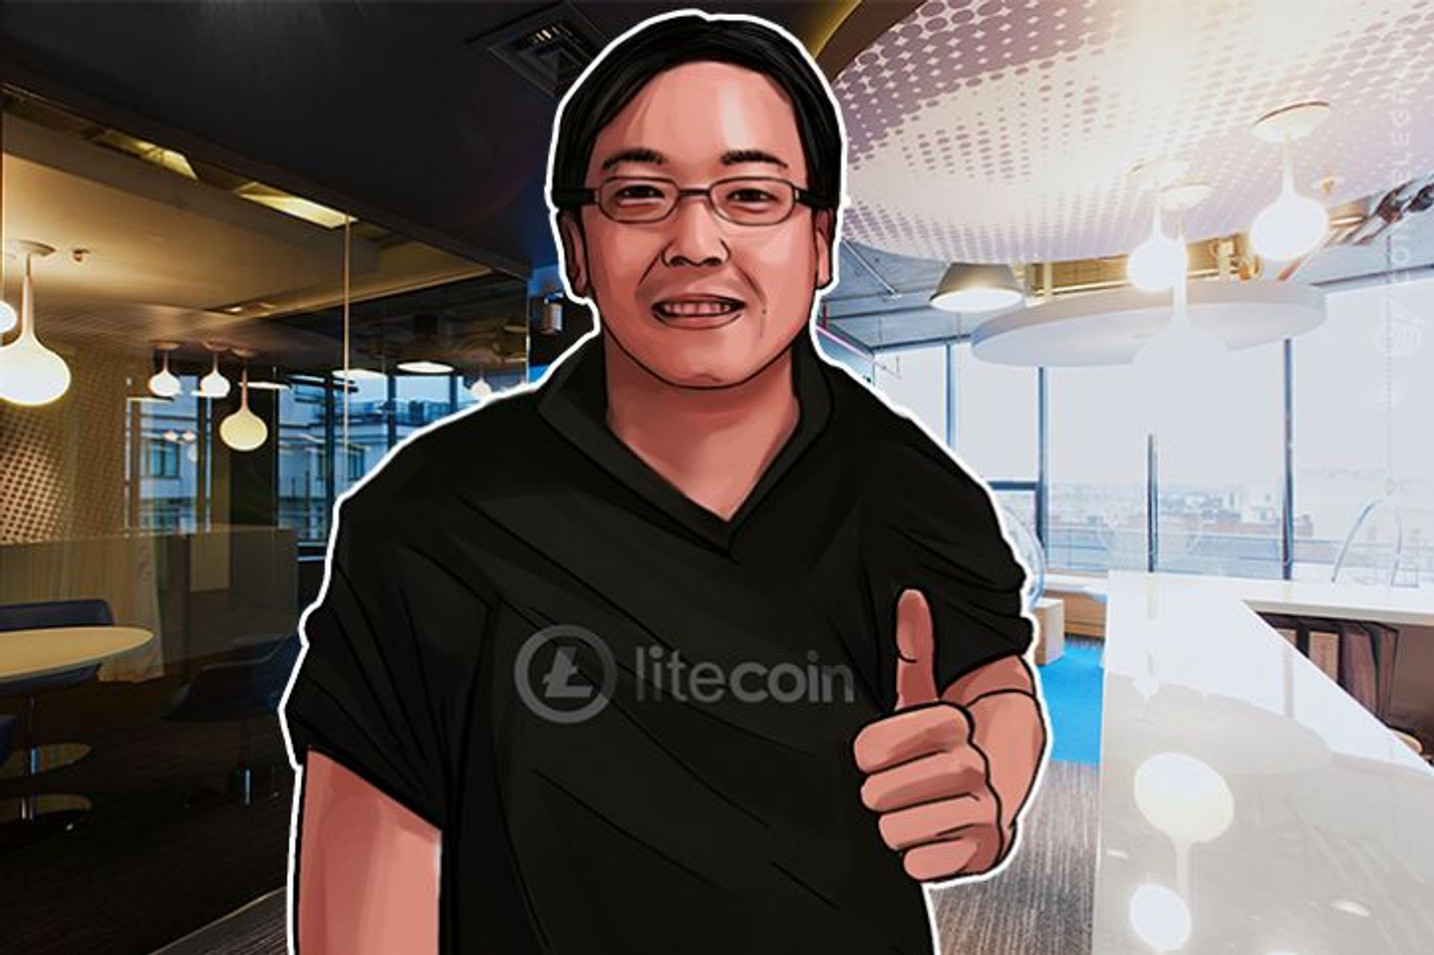 «Marcos» de negociação do Litecoin Trading manda o preço para mais de US$ 60 e capitalização de mercado bate nos US$ 3 bilhões